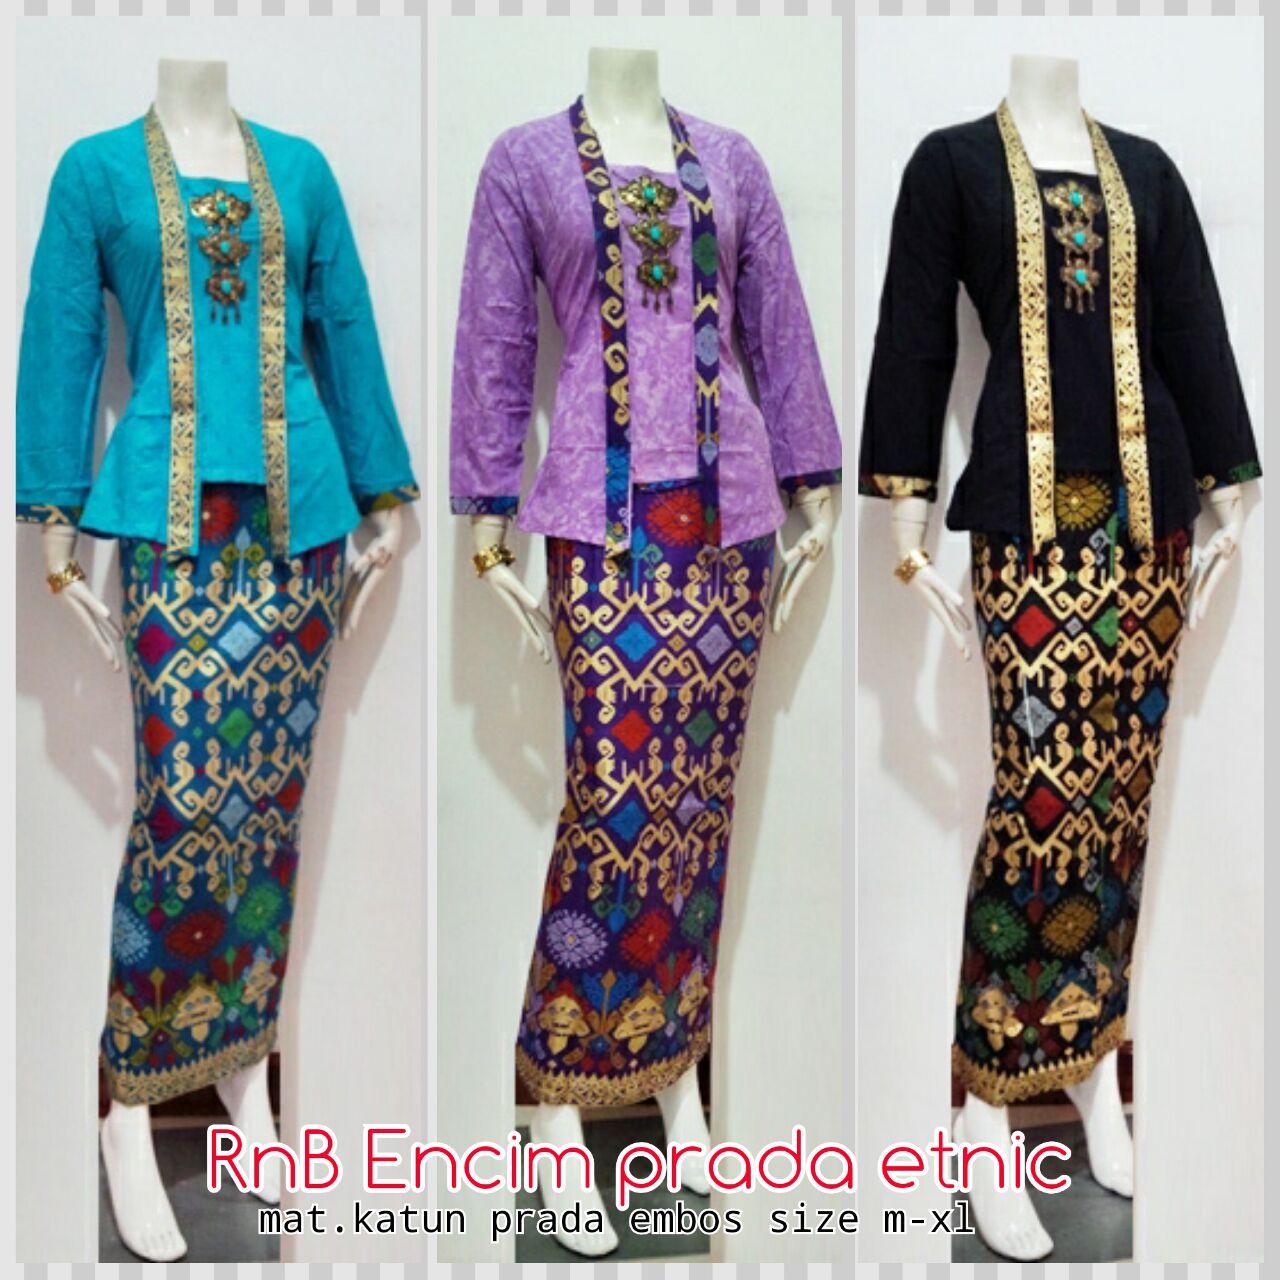 Kebaya Encim Prada Etnic - Toko Baju Batik Online - Online Shop Batik ...